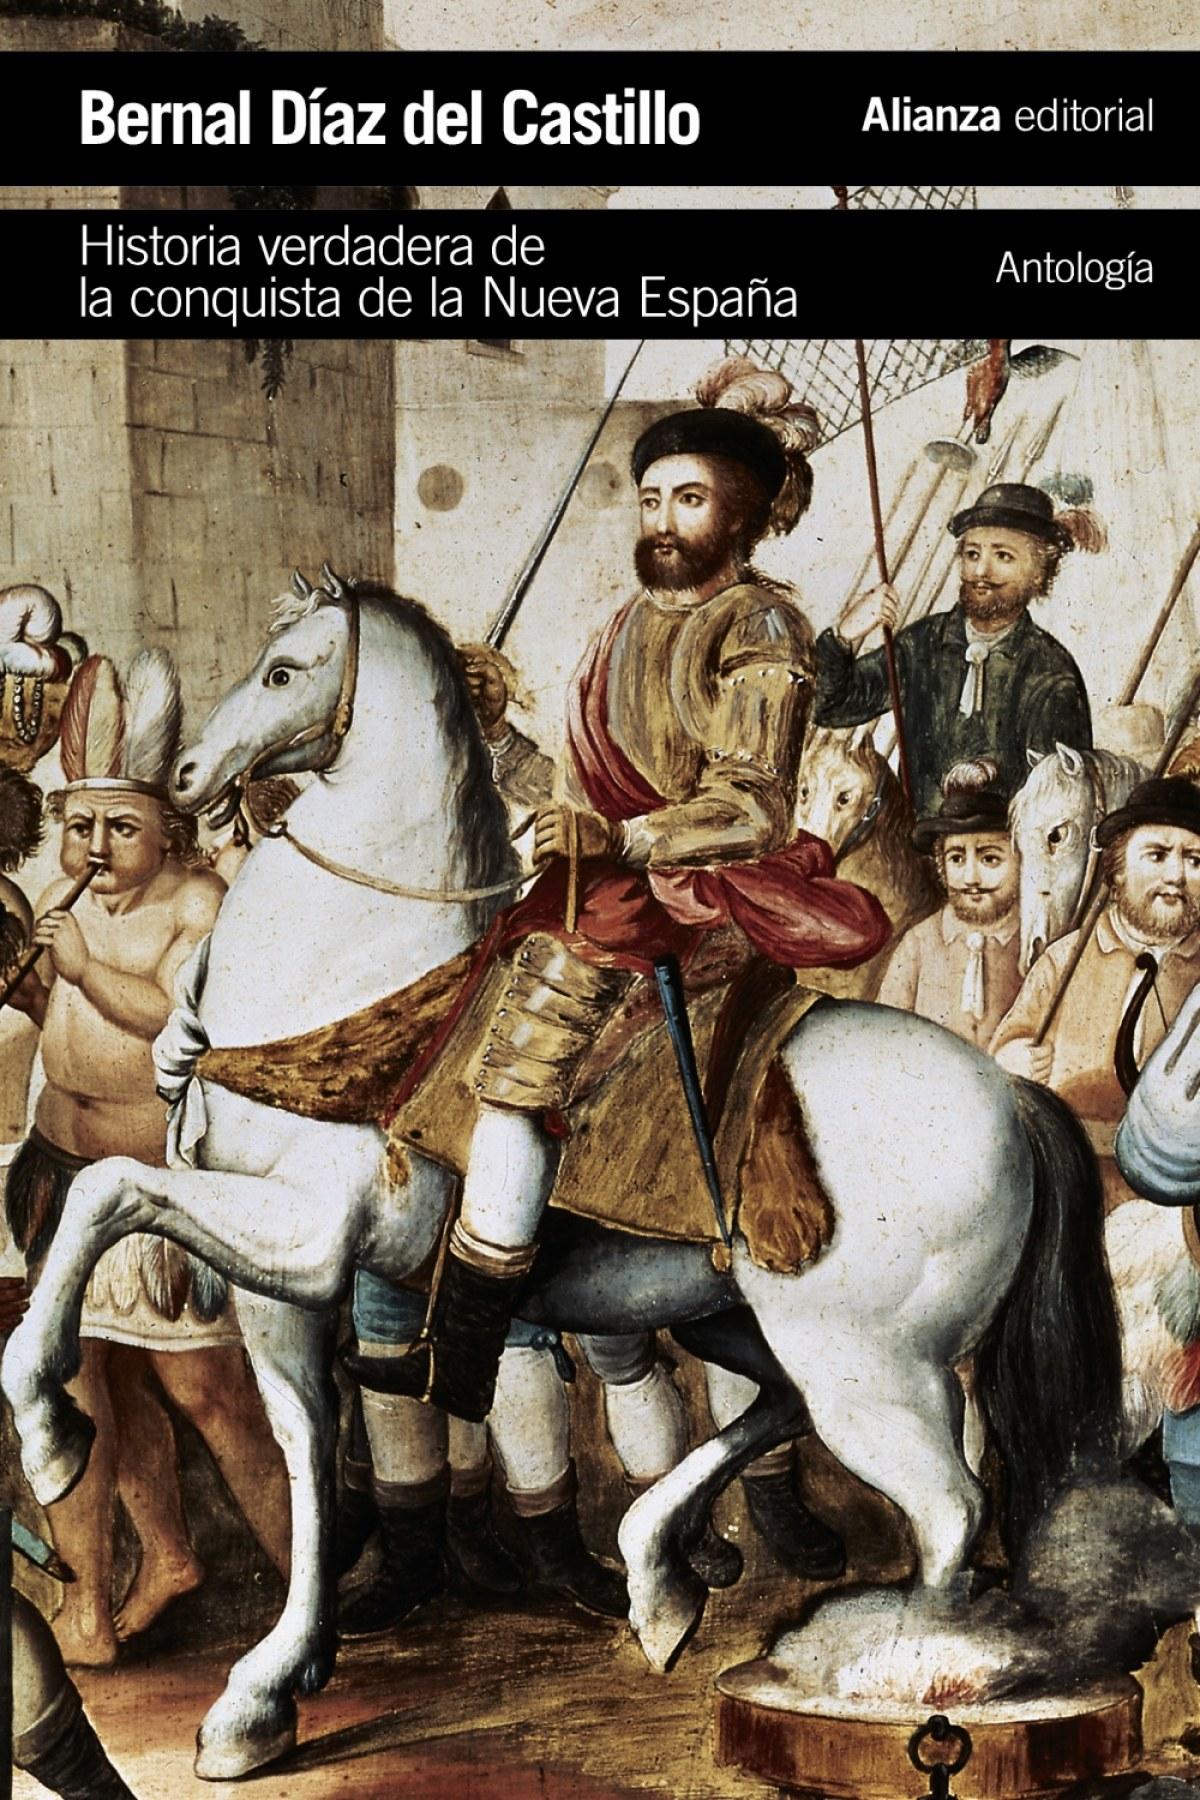 HISTORIA VERDADERA DE LA CONQUISTA DE LA NUEVA ESPAñA 9788491043379